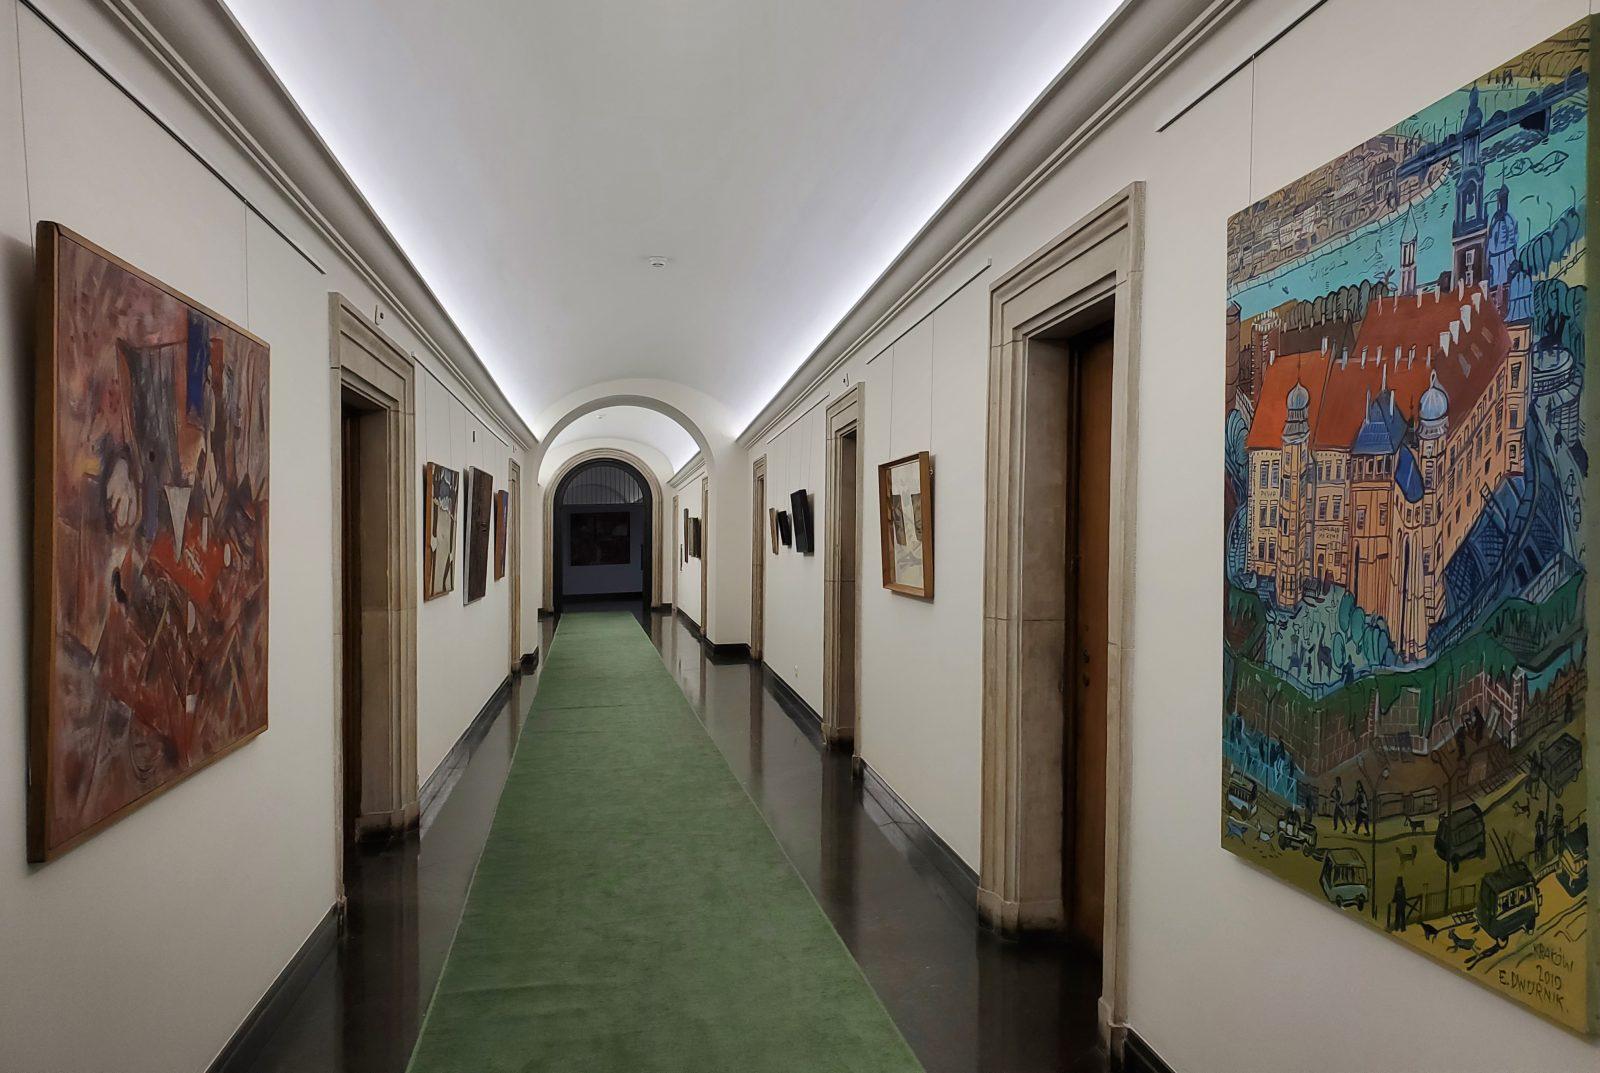 Wystawa malarstwa współczesnego<br> nakorytarzu Ip. <br>w budynku nr5. Napierwszym planie <br>obraz Edwarda Dwurnika <em>Wawel</em> z2010 <br> fot. S. Majoch, 2021